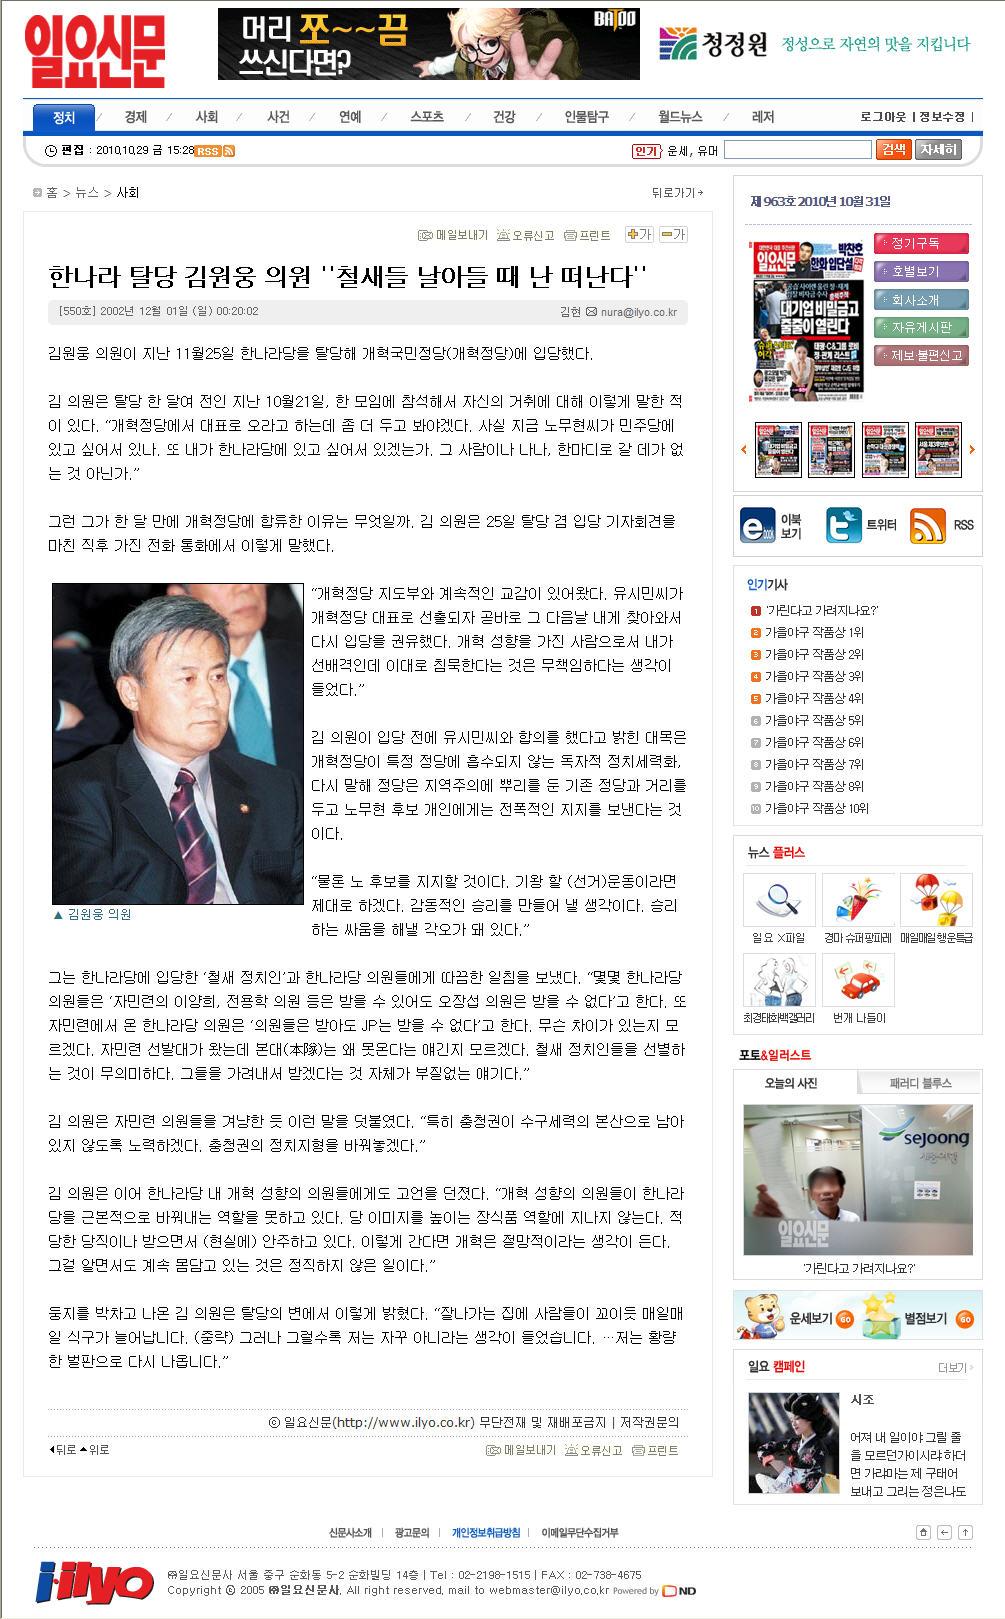 인터뷰 - 김원웅(2002. 12)